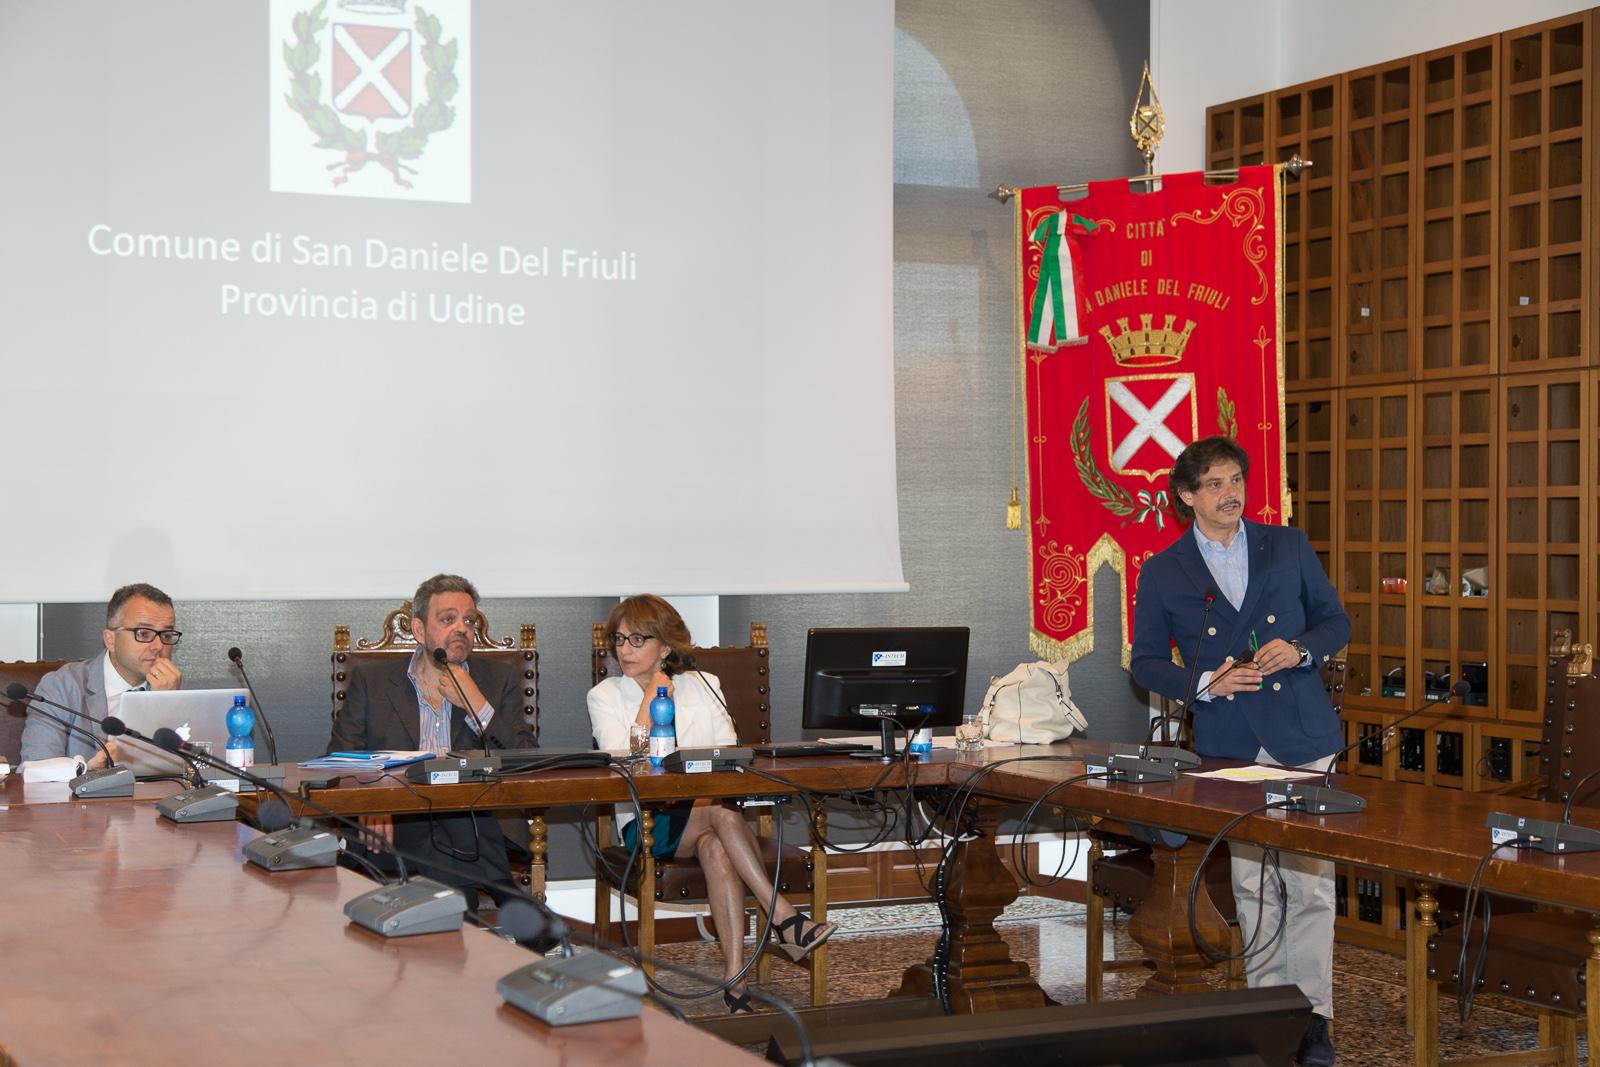 Festival Costituzione 2014 – Dimitri Girotto, Paolo Giangaspero, Flavia Dimora Morvey